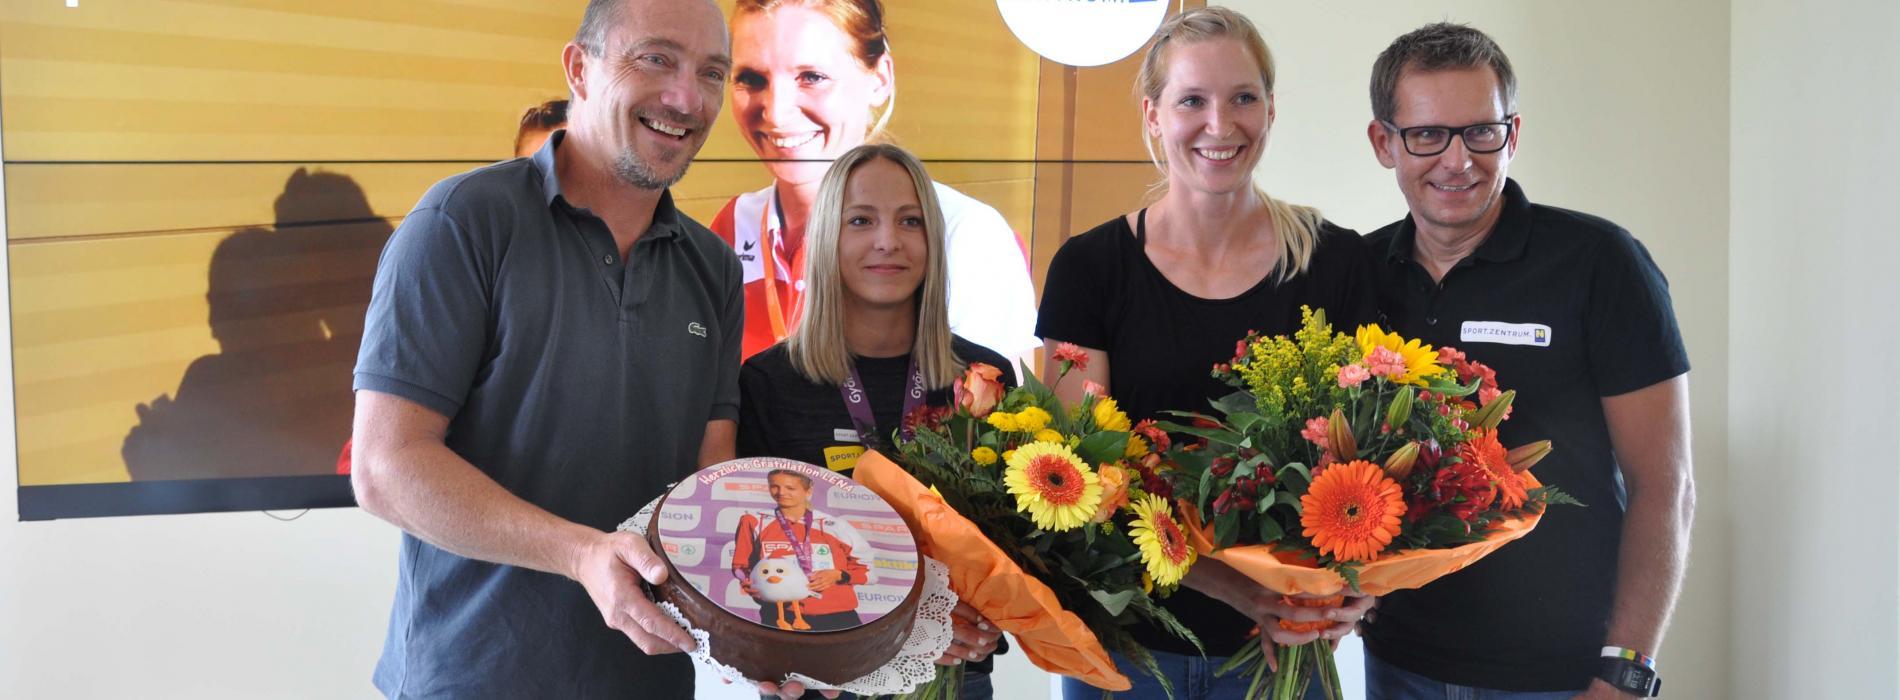 Lena Pressler holt U-18 EM Bronze!